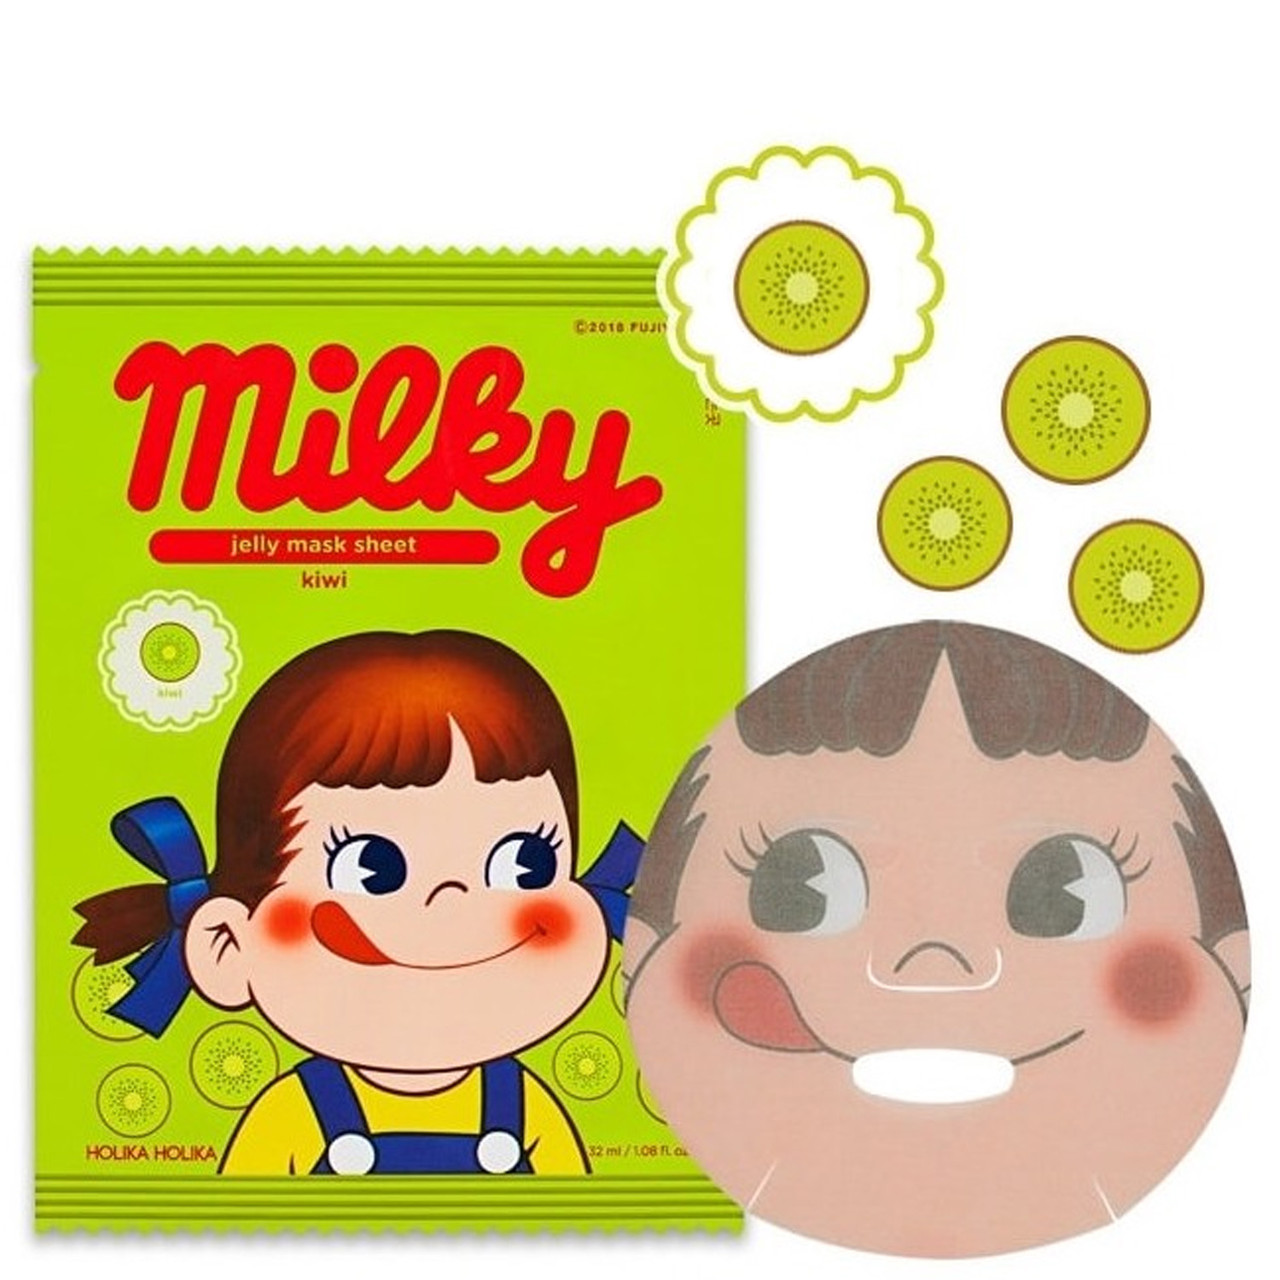 Тканевая маска для лица с киви Holika Holika Peko Chan Pure Essence Jelly Mask Sheet Kiwi 32 мл (8806334379292)